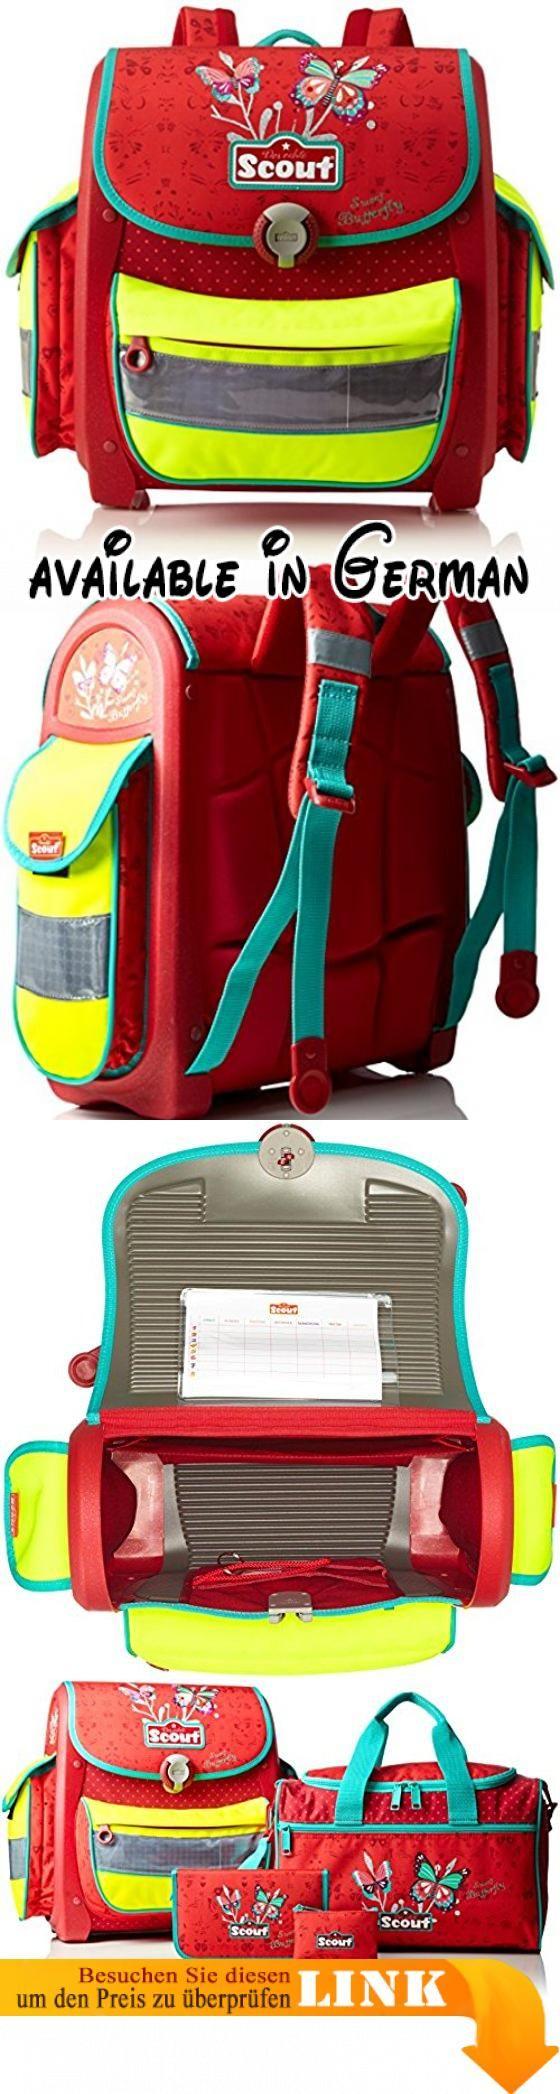 Scout - Buddy - Schulranzen Set 4 tlg. - Sweet Butterfly. Schule-Set aus hochwertigen Materialien gefertigt.. Rucksack ist ergonomisch geformte Rücken.. Rucksack ist speziell mit einem Schwerpunkt auf die Sicherheit der Kinder konzipiert. #Koffer, Rucksäcke & Taschen #LUGGAGE